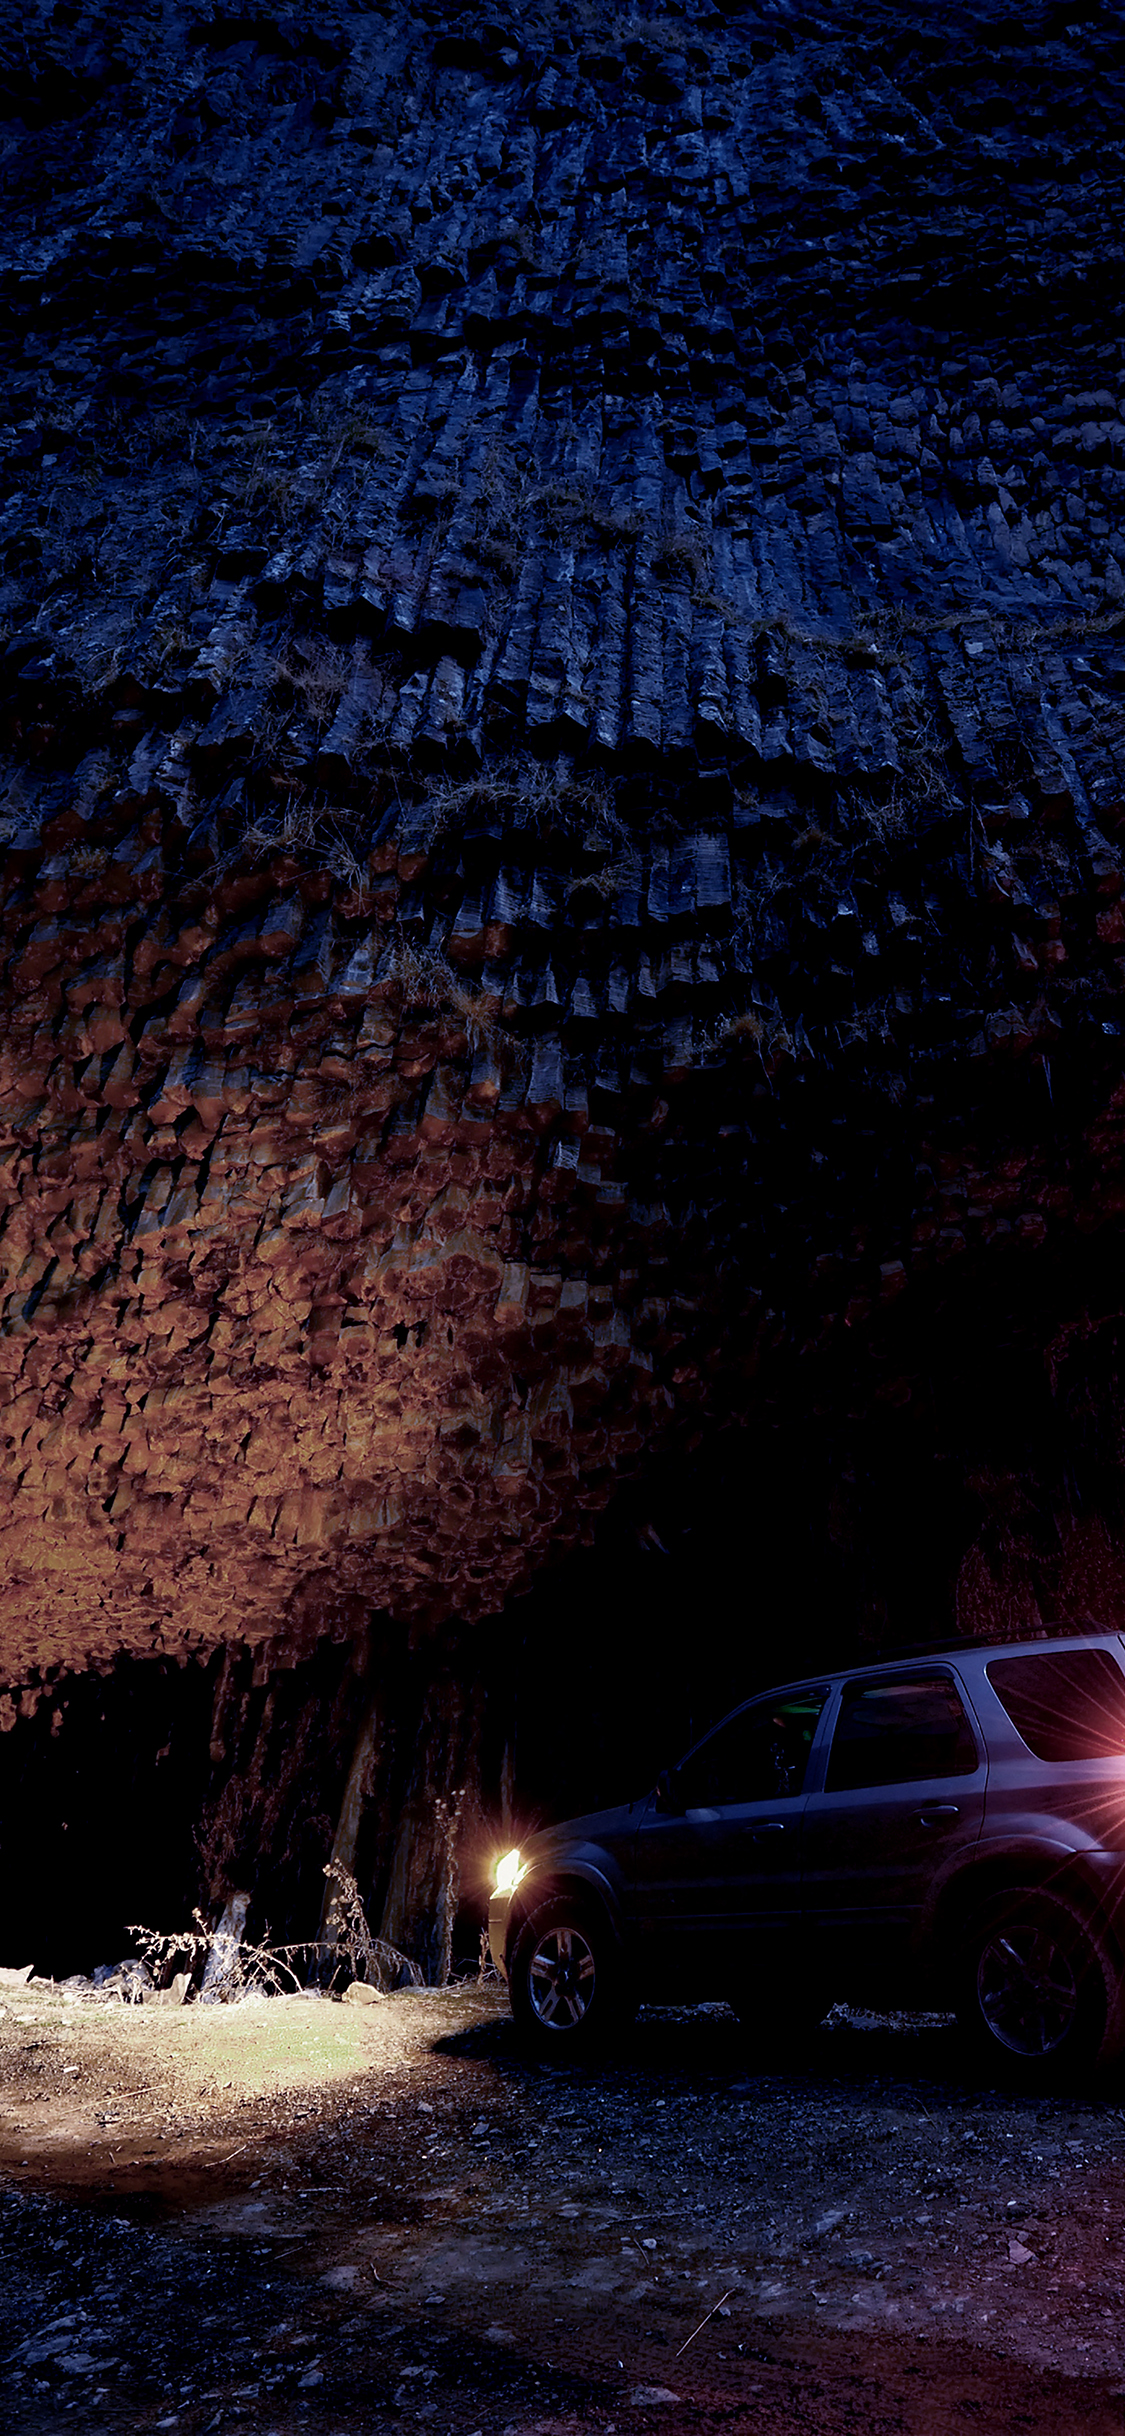 Mg70 Armenia Garni Late Night Wood Mountain With Car Nature